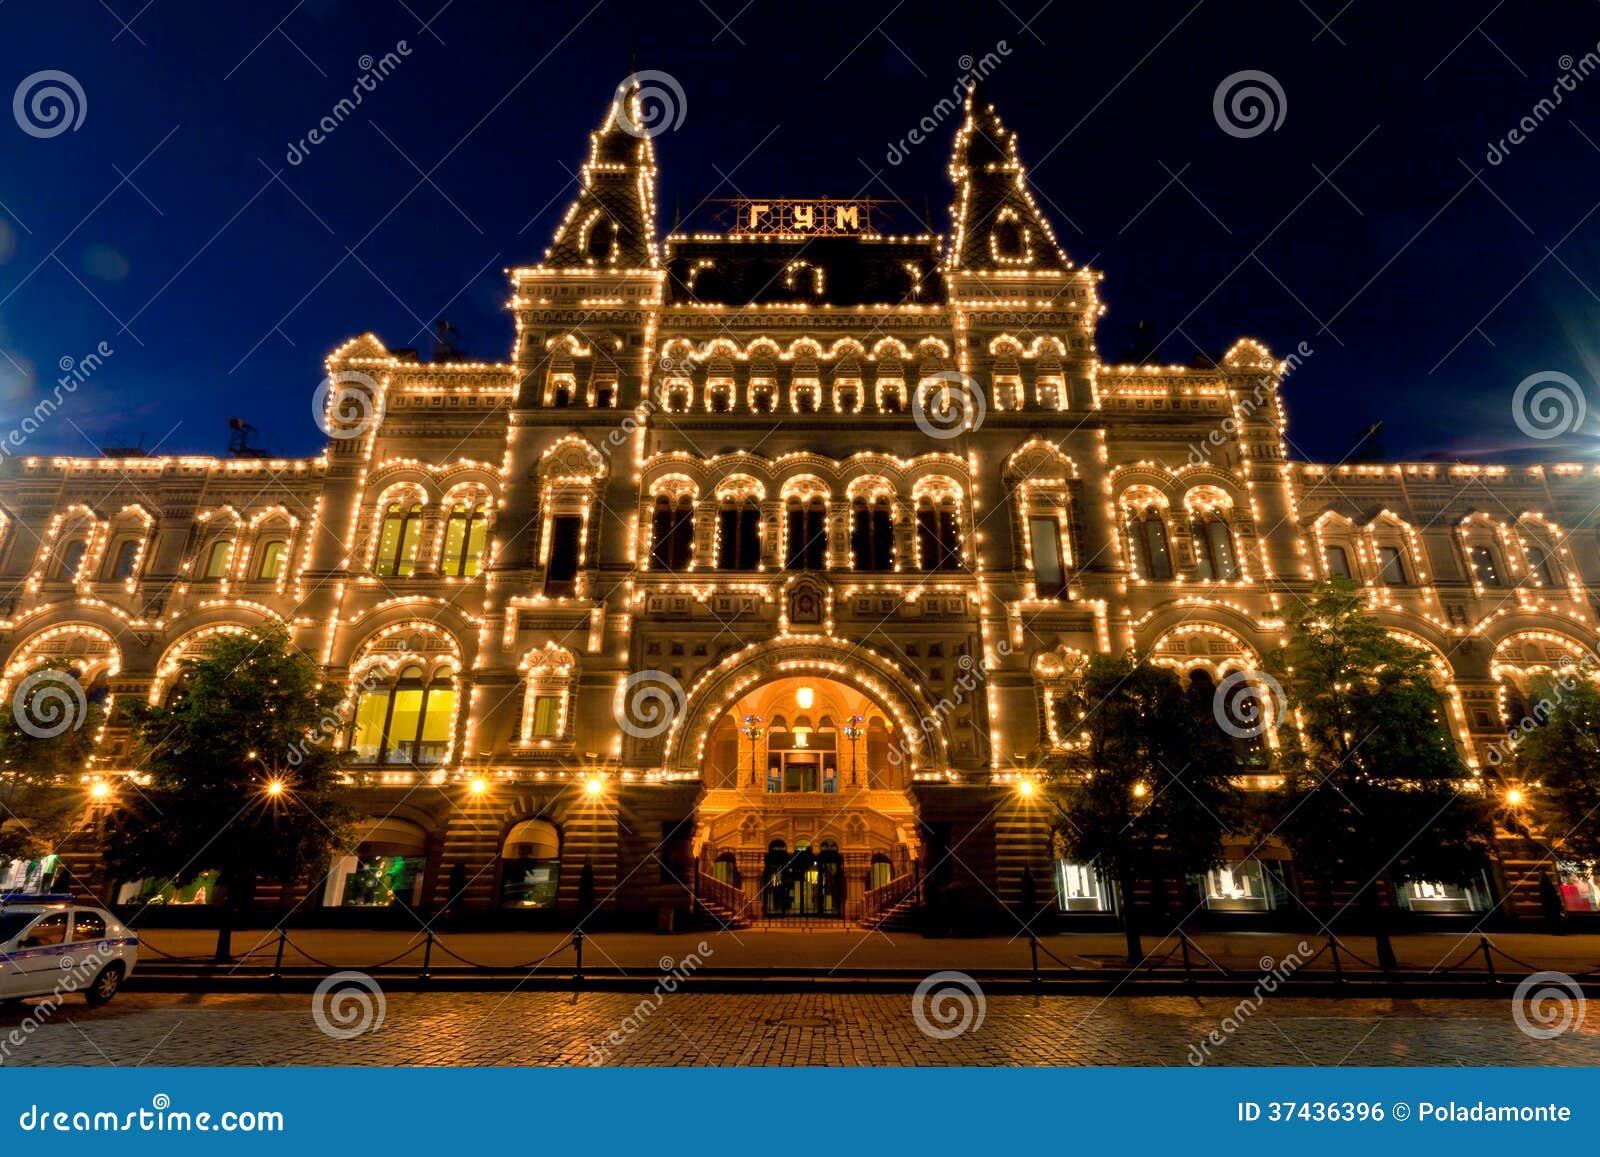 ночные магазины в москве